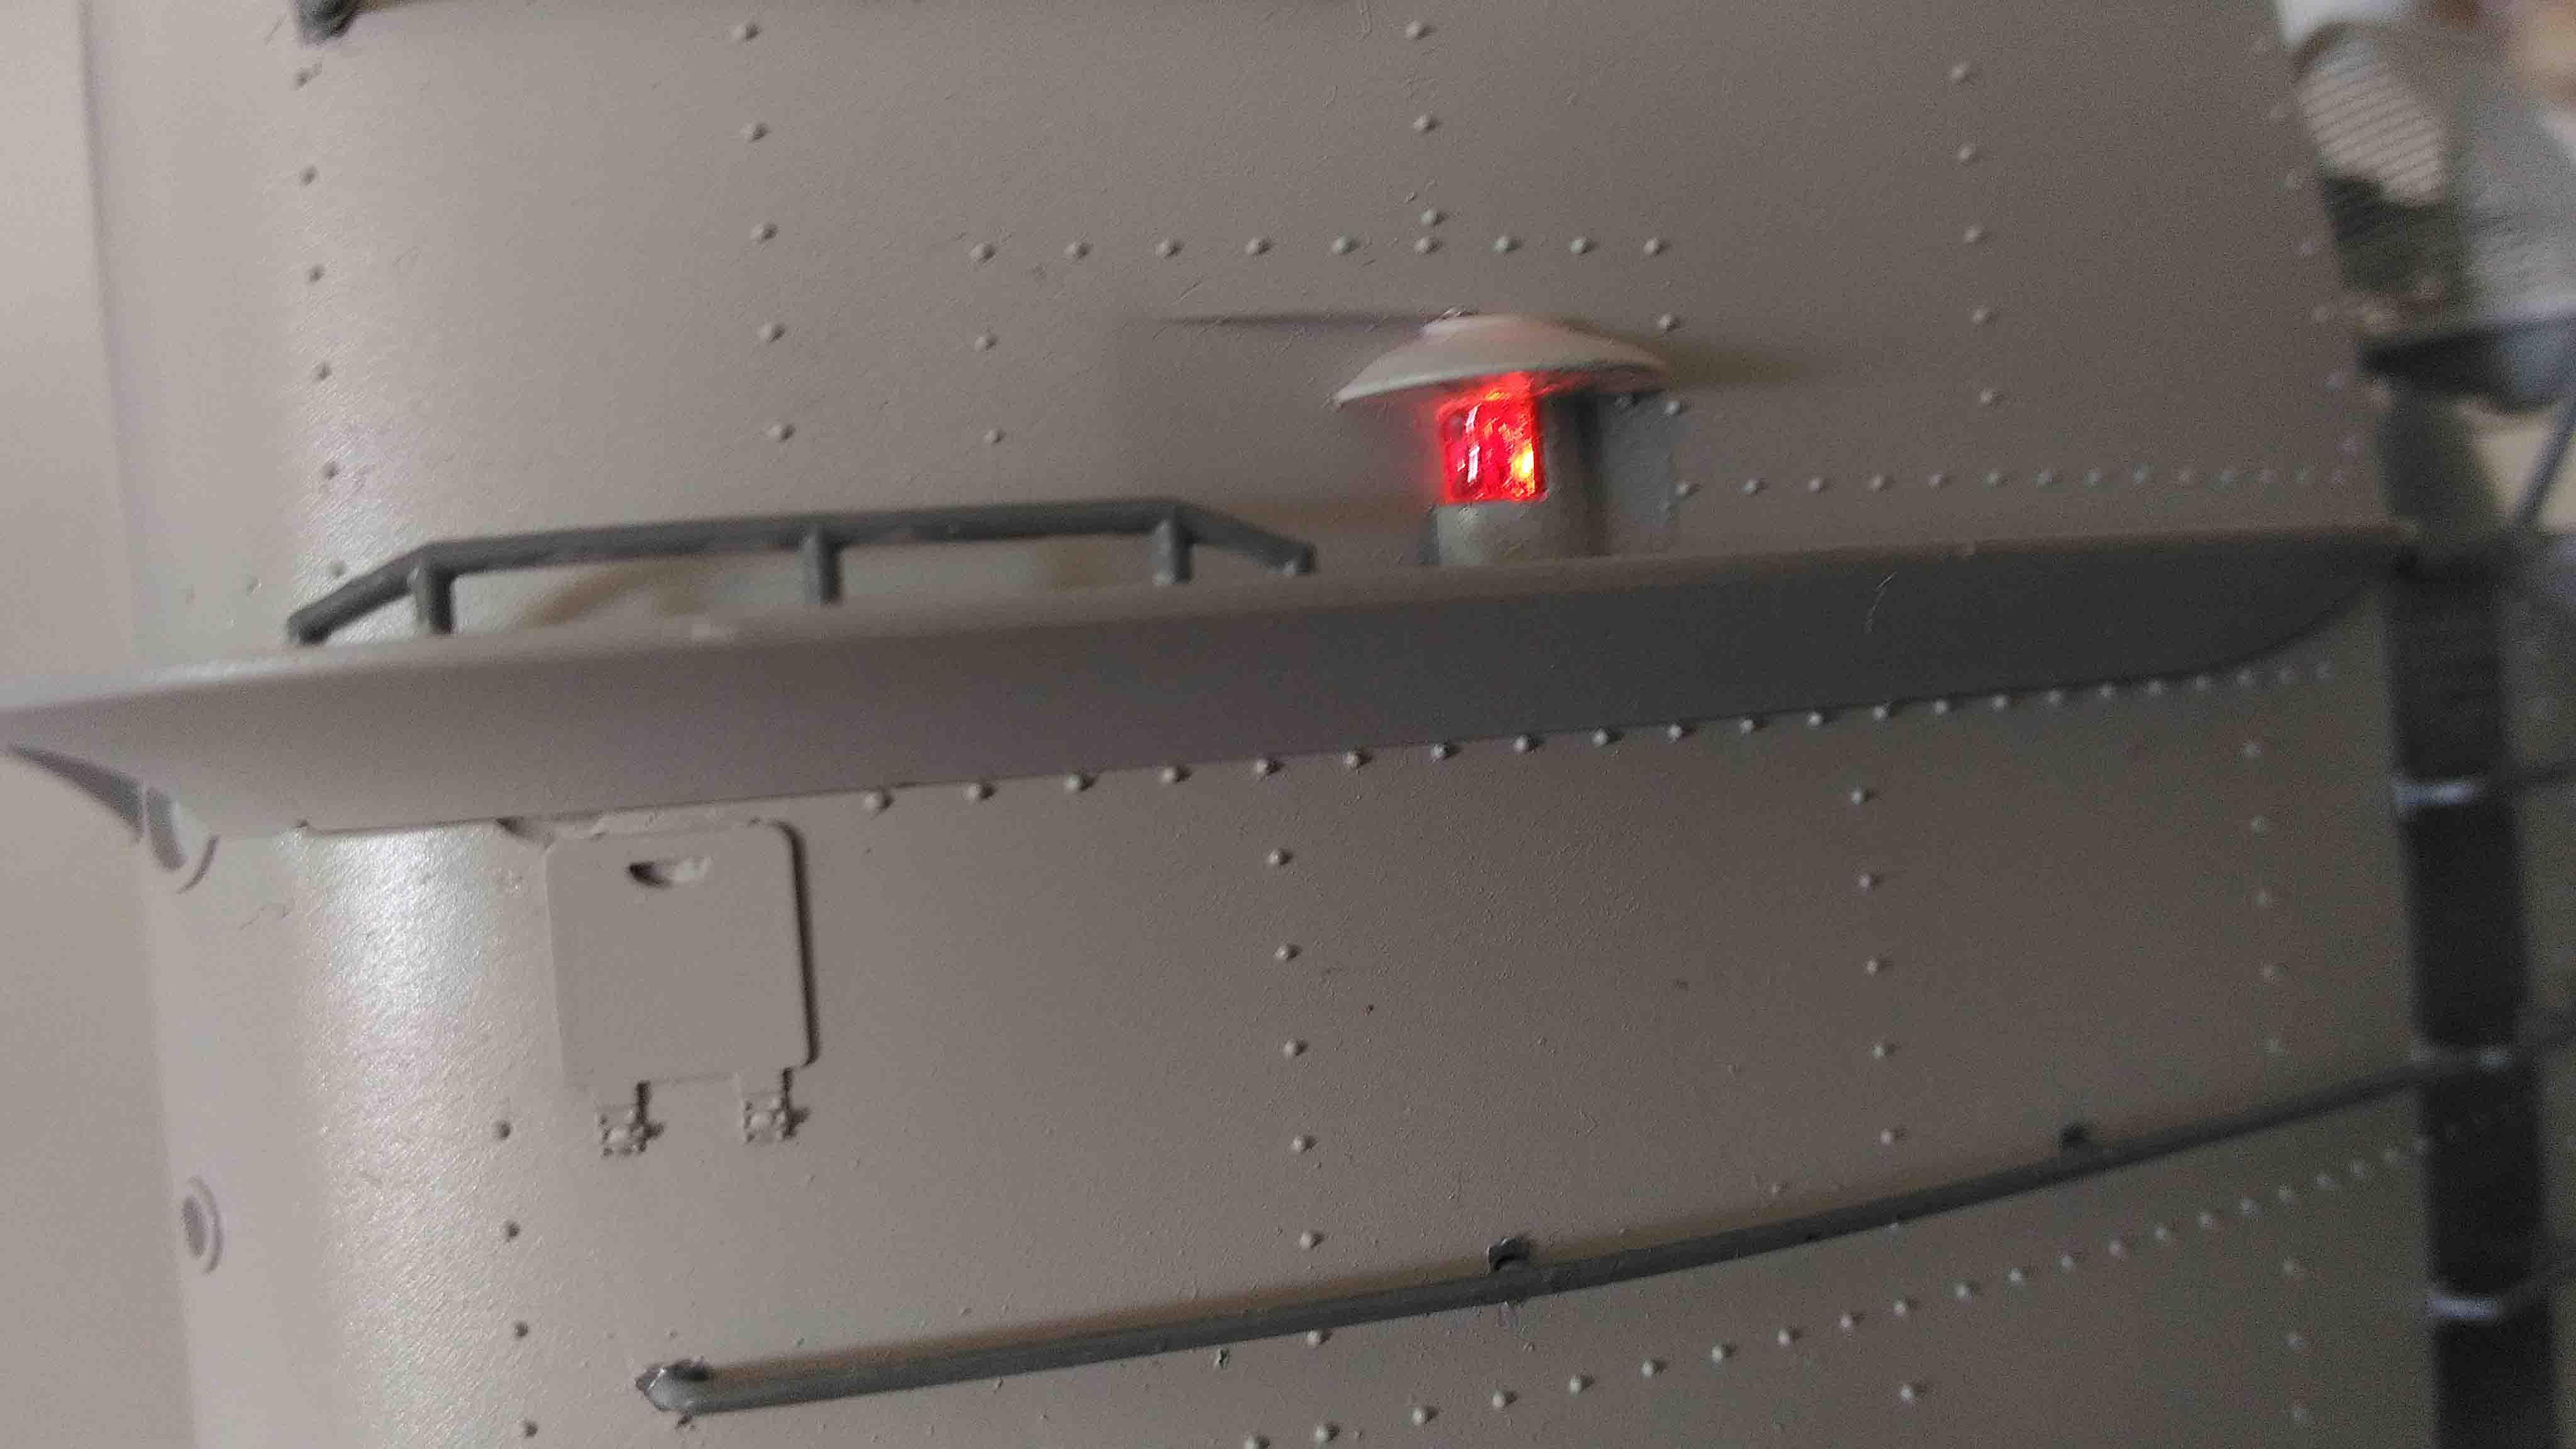 U-552 TRUMPETER Echelle 1/48 - Page 19 18052301113923648415726323